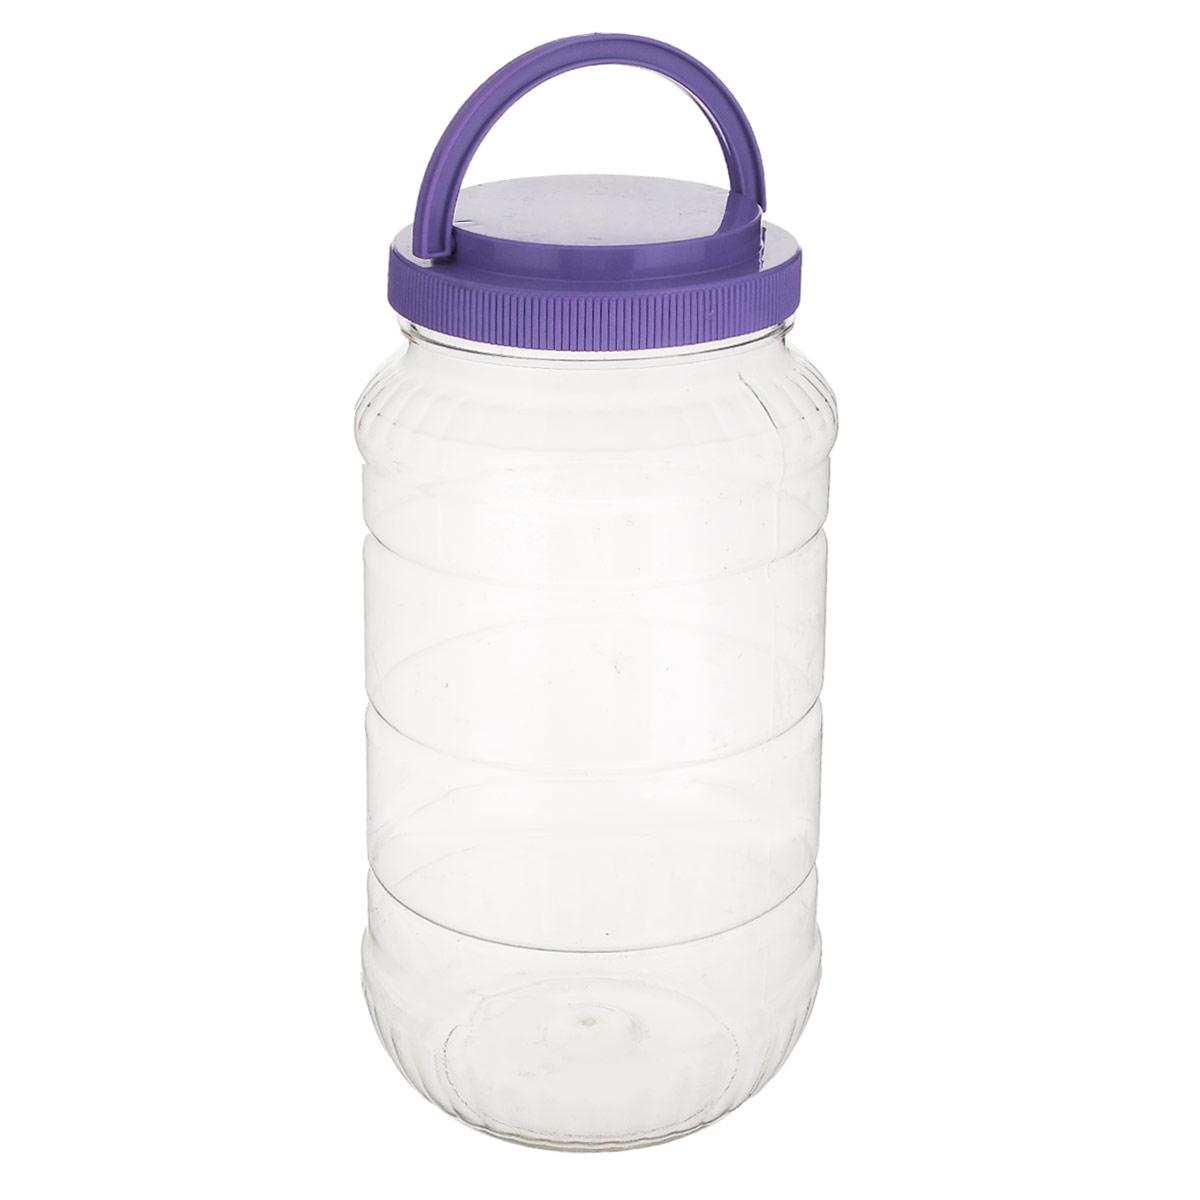 Емкость Альтернатива, с ручкой, цвет: фиолетовый, 3 лM957_ фиолетовыйЕмкость Альтернатива предназначена для хранения сыпучих продуктов или жидкостей. Выполнена из высококачественного пластика. Оснащена ручкой для удобной переноски. Ручка опускается.Диаметр: 10,5 см.Высота (без учета крышки): 25 см.